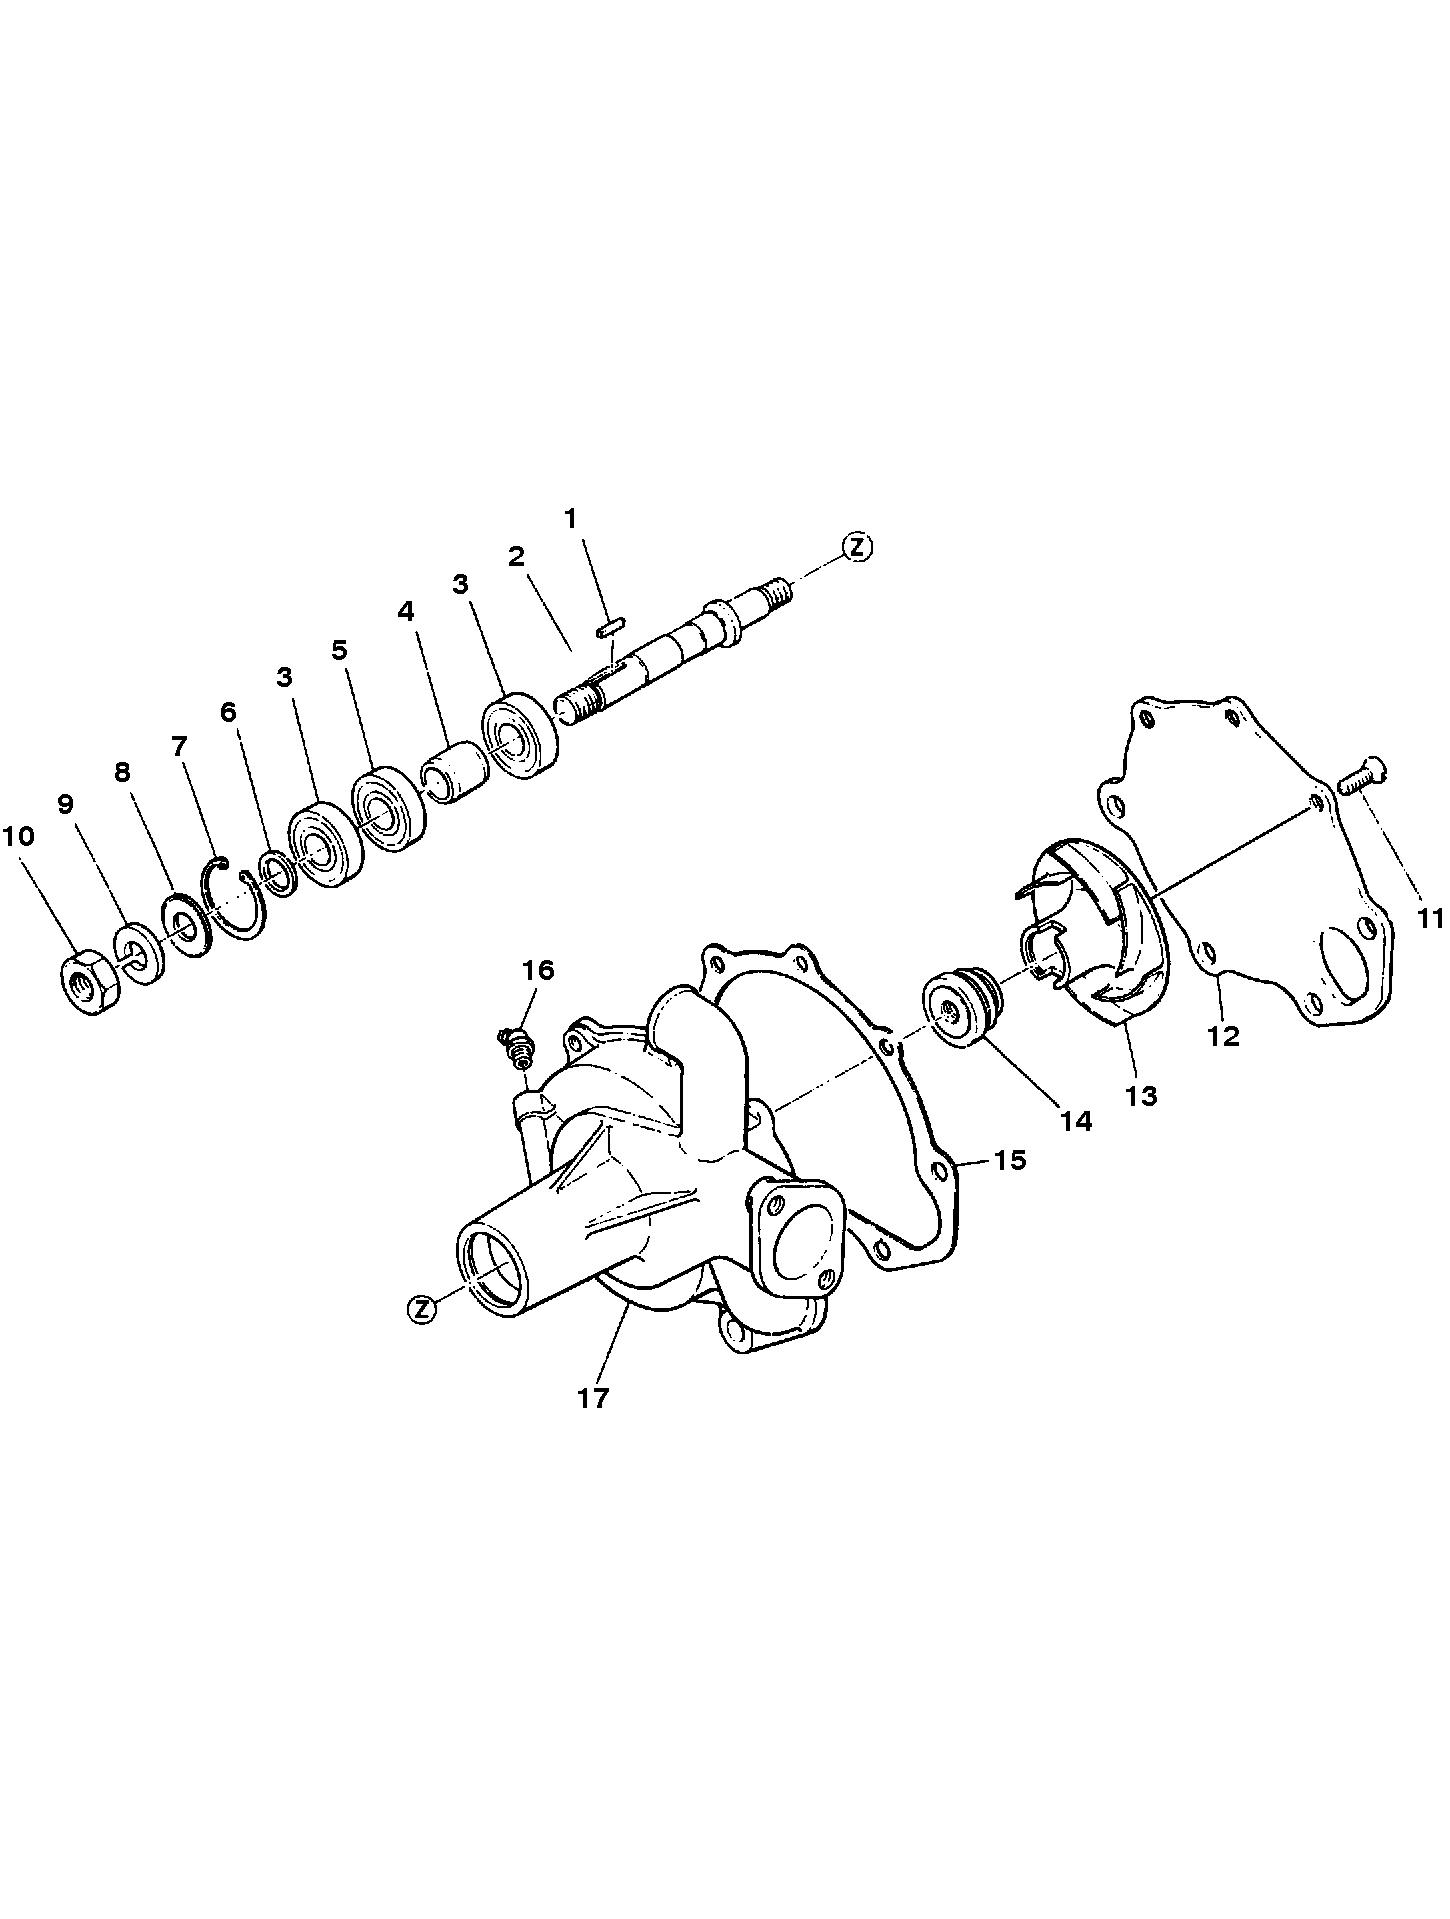 Mercruiser Eh700 175 220hp